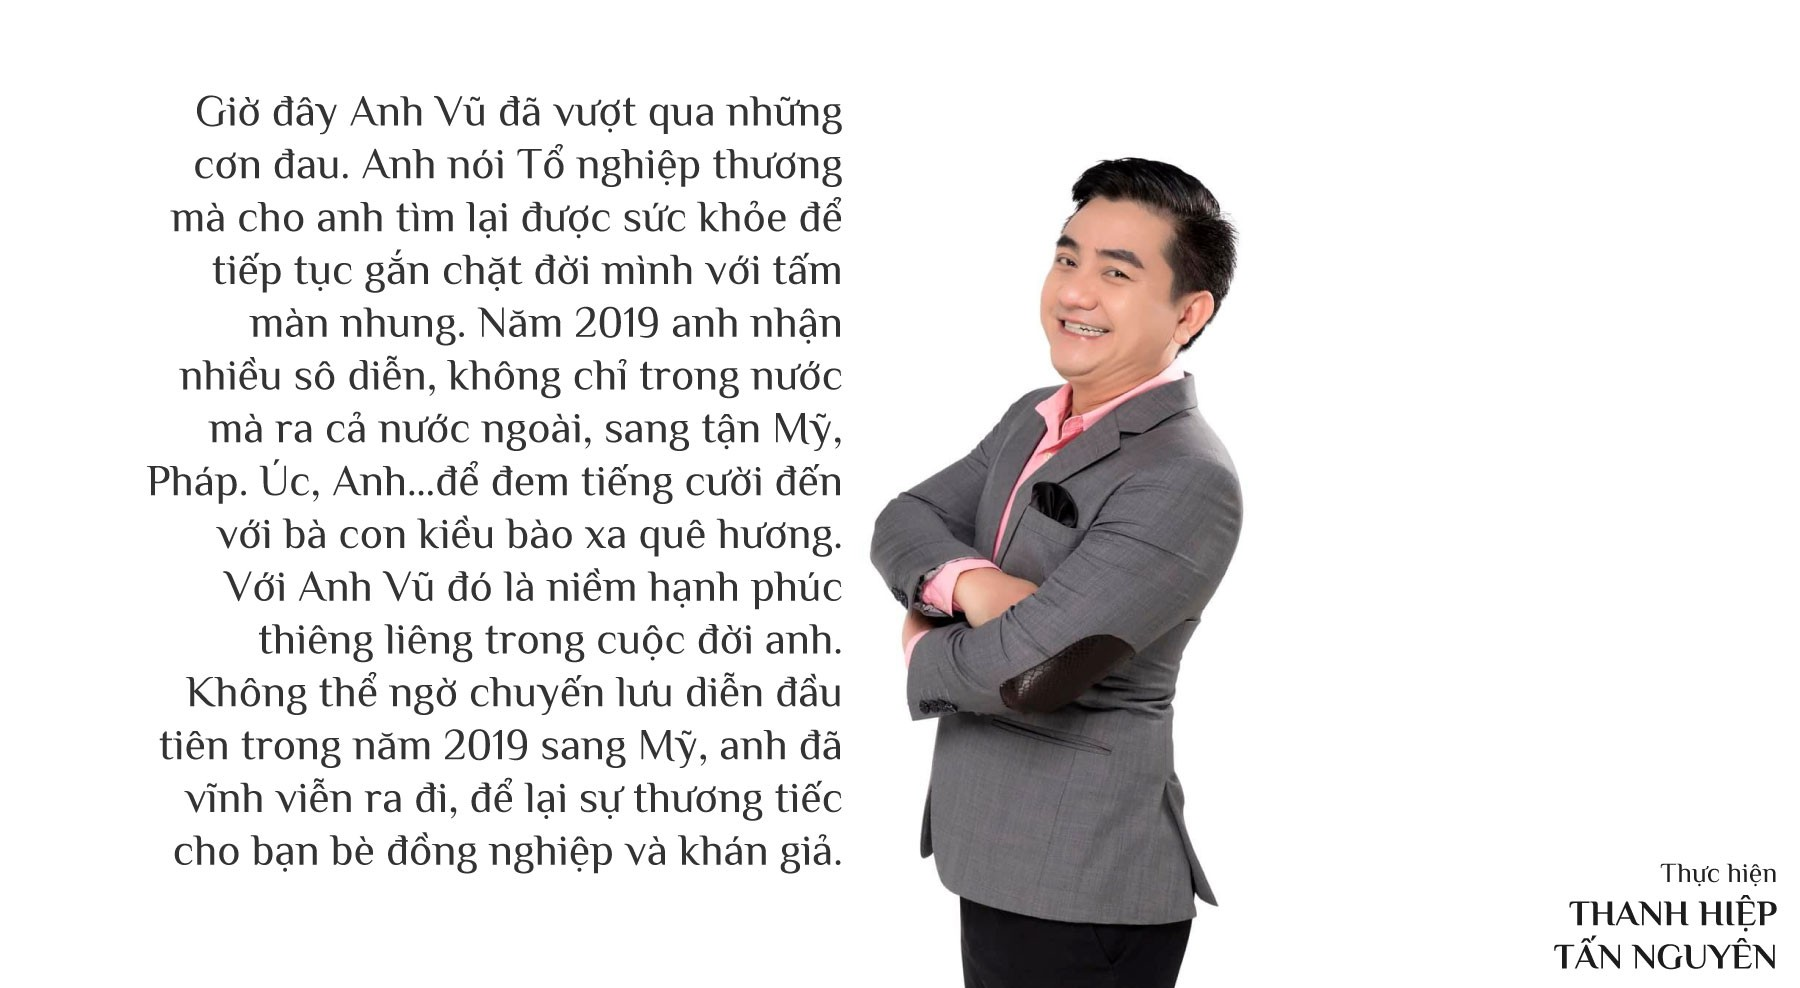 [eMagazine] - Lời gan ruột của nghệ sĩ hài Anh Vũ trước khi đột ngột qua đời ở Mỹ - Ảnh 12.